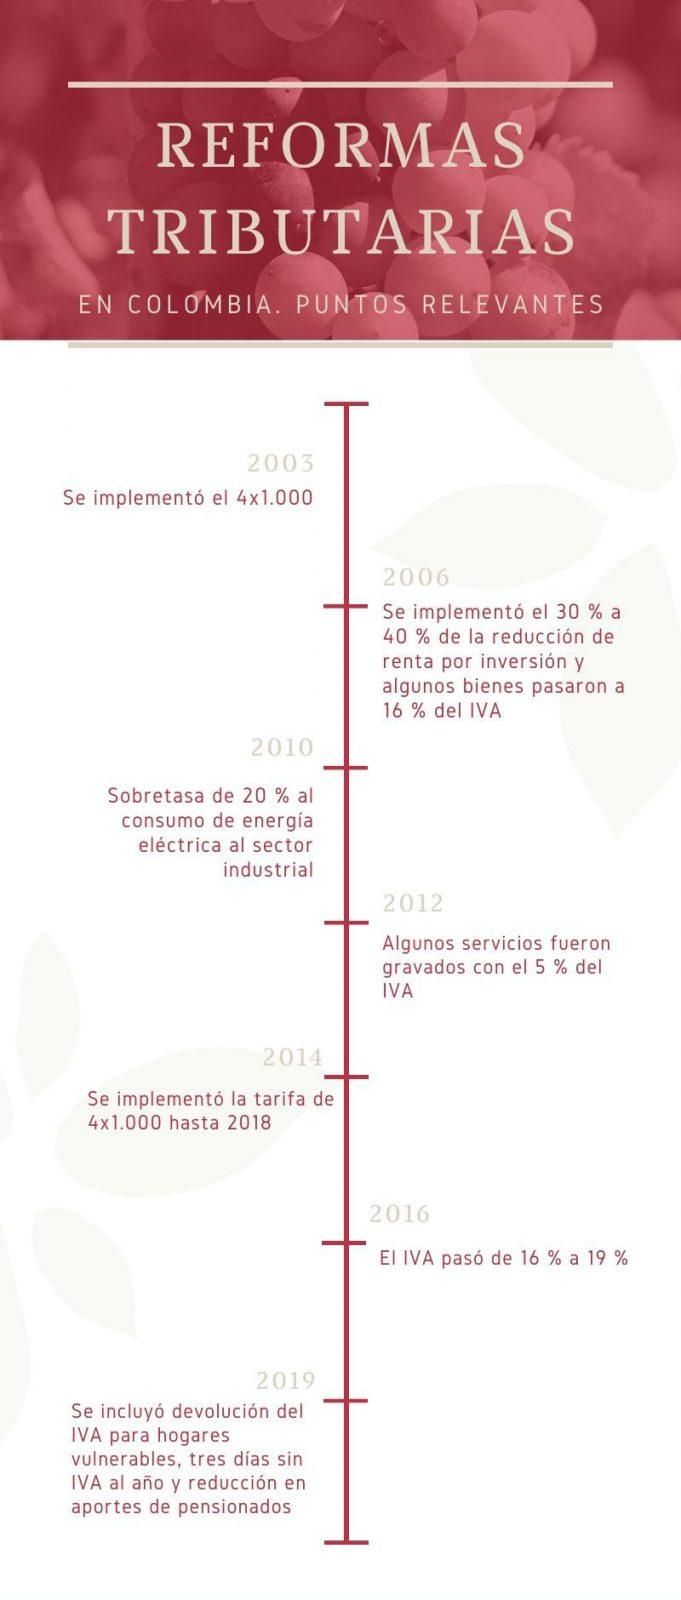 Reforma tributaria: ¿Cuántas ha tenido Colombia en los últimos años?